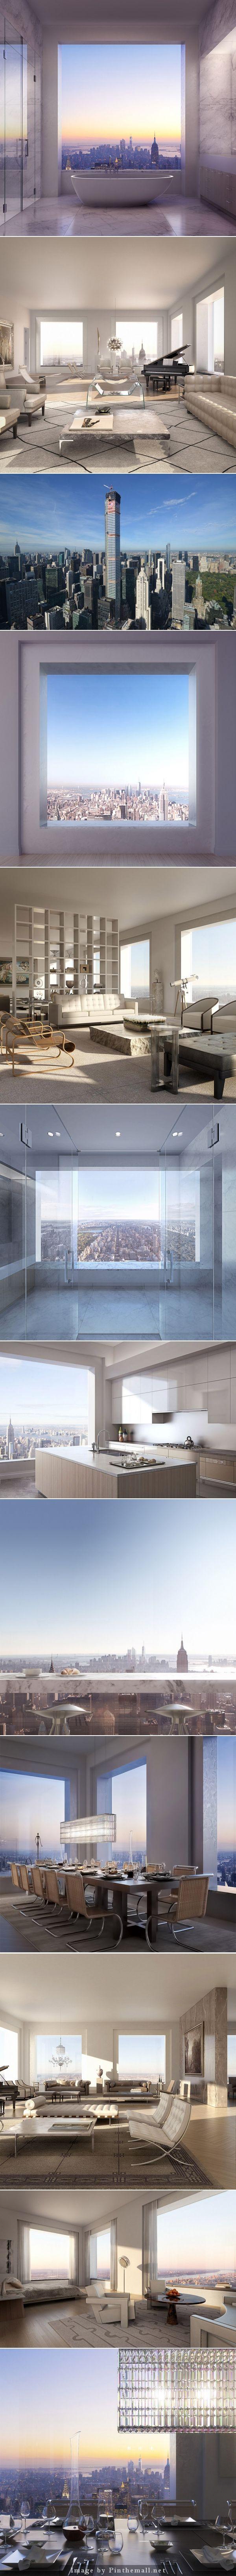 Mindig is egy különleges, kreatív és egyedi otthonról álmodoztál? Akkor nézd meg, milyen lehet a világ legdrágább lakásaiban élni! :)